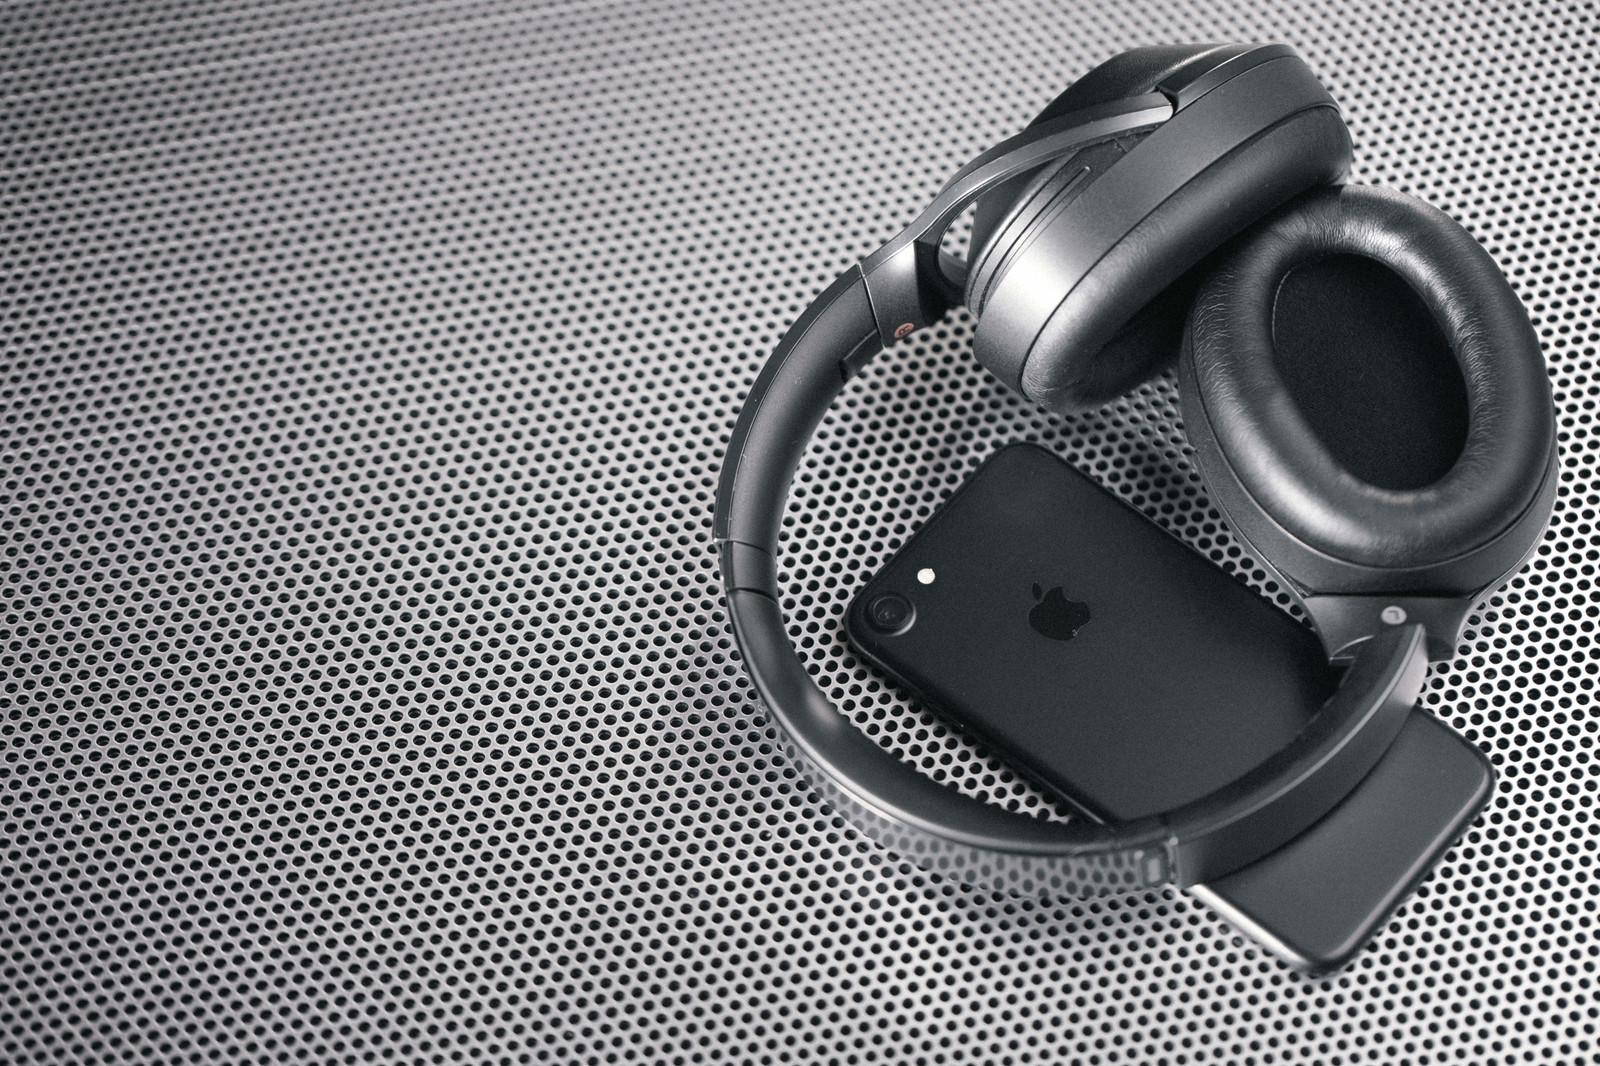 「スマートフォンと同期するワイヤレスヘッドホン」の写真